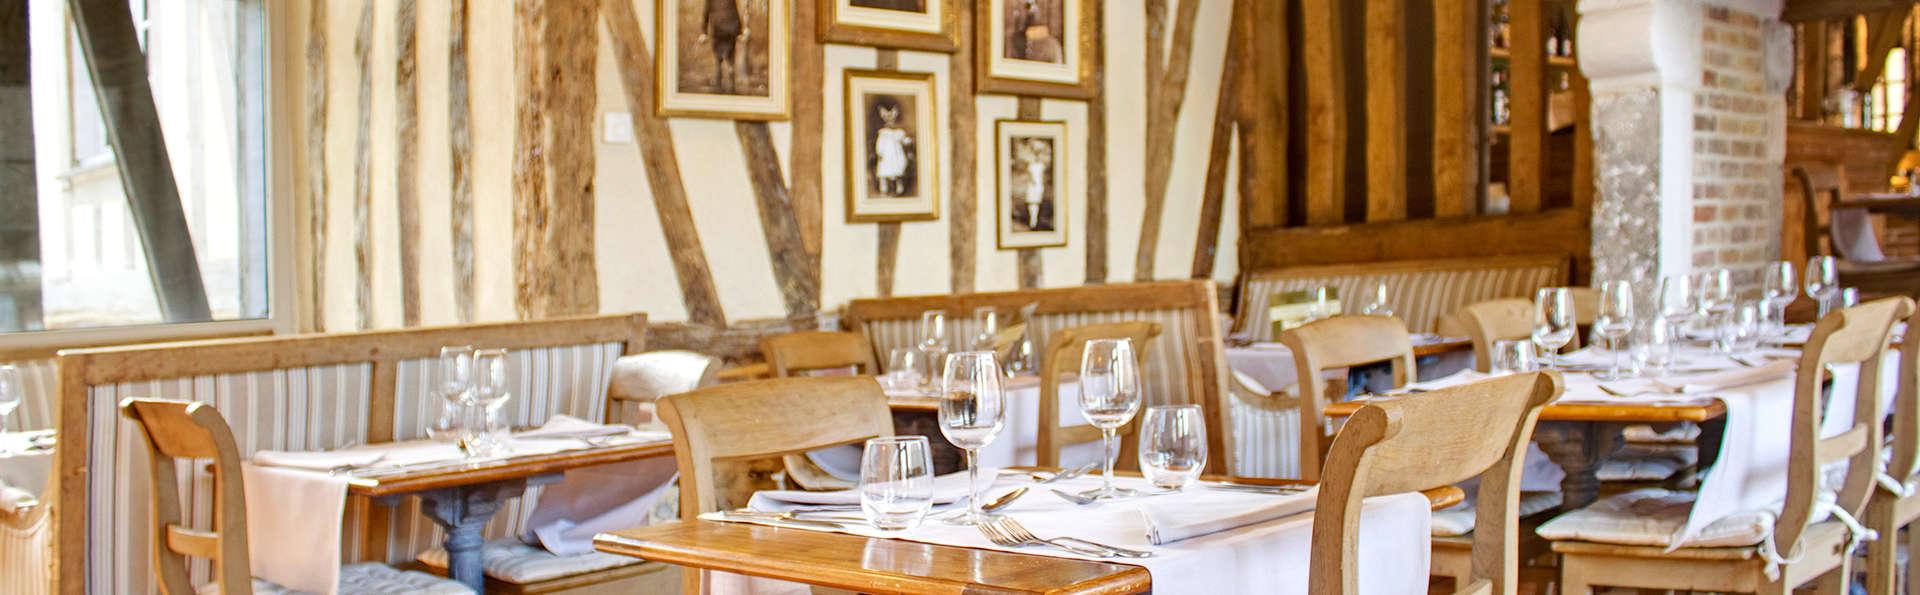 Week-end détente avec dîner dans le Vexin normand